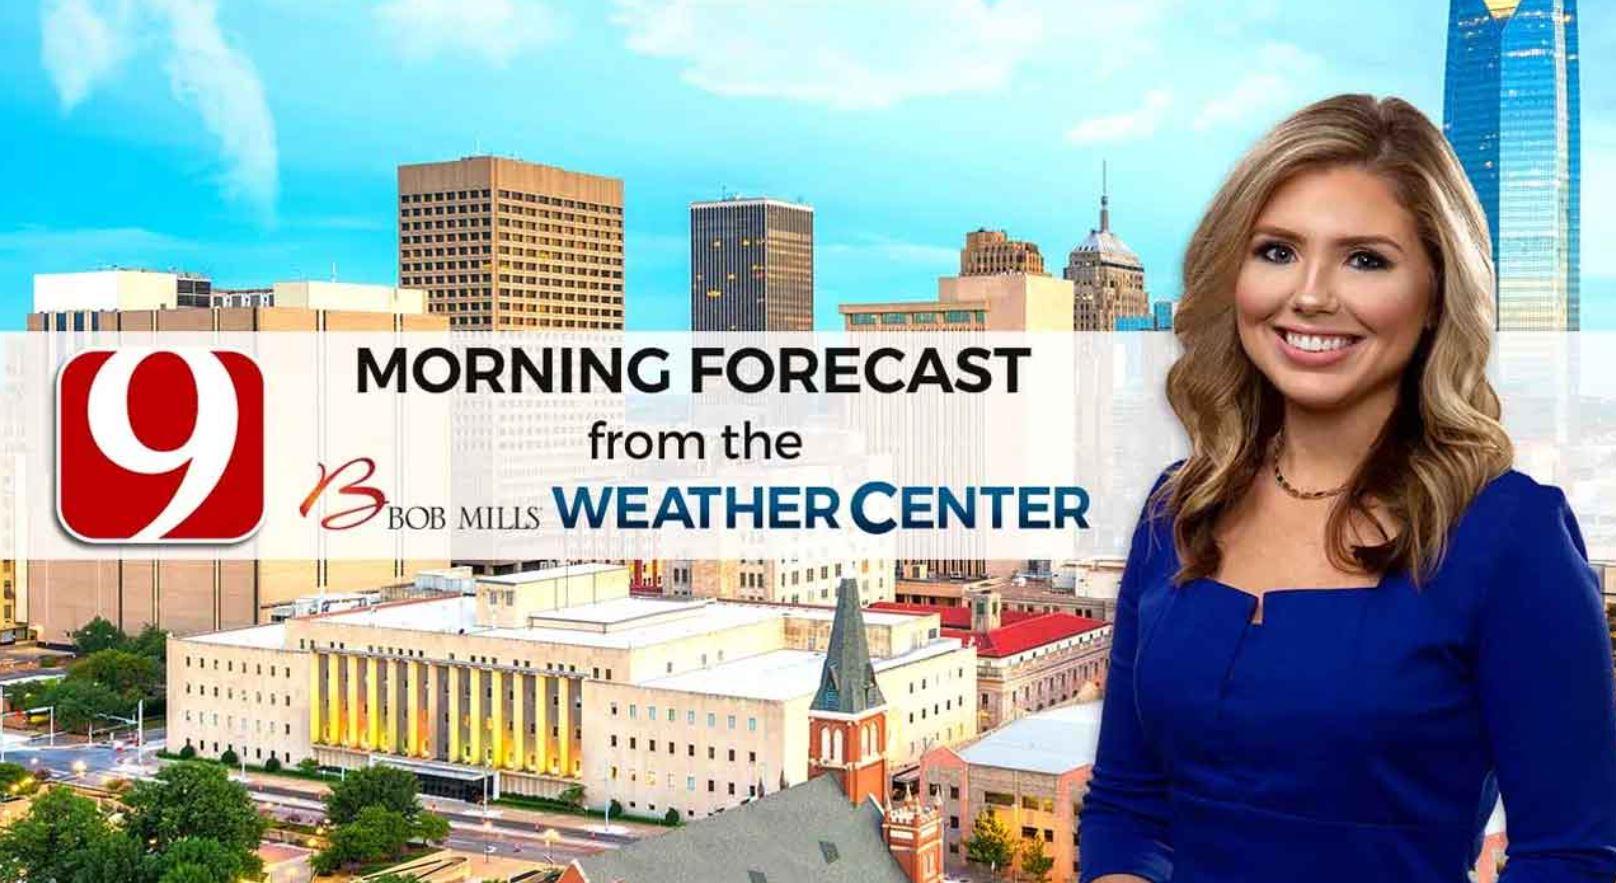 Cassie's Thursday 9 A.M. Forecast